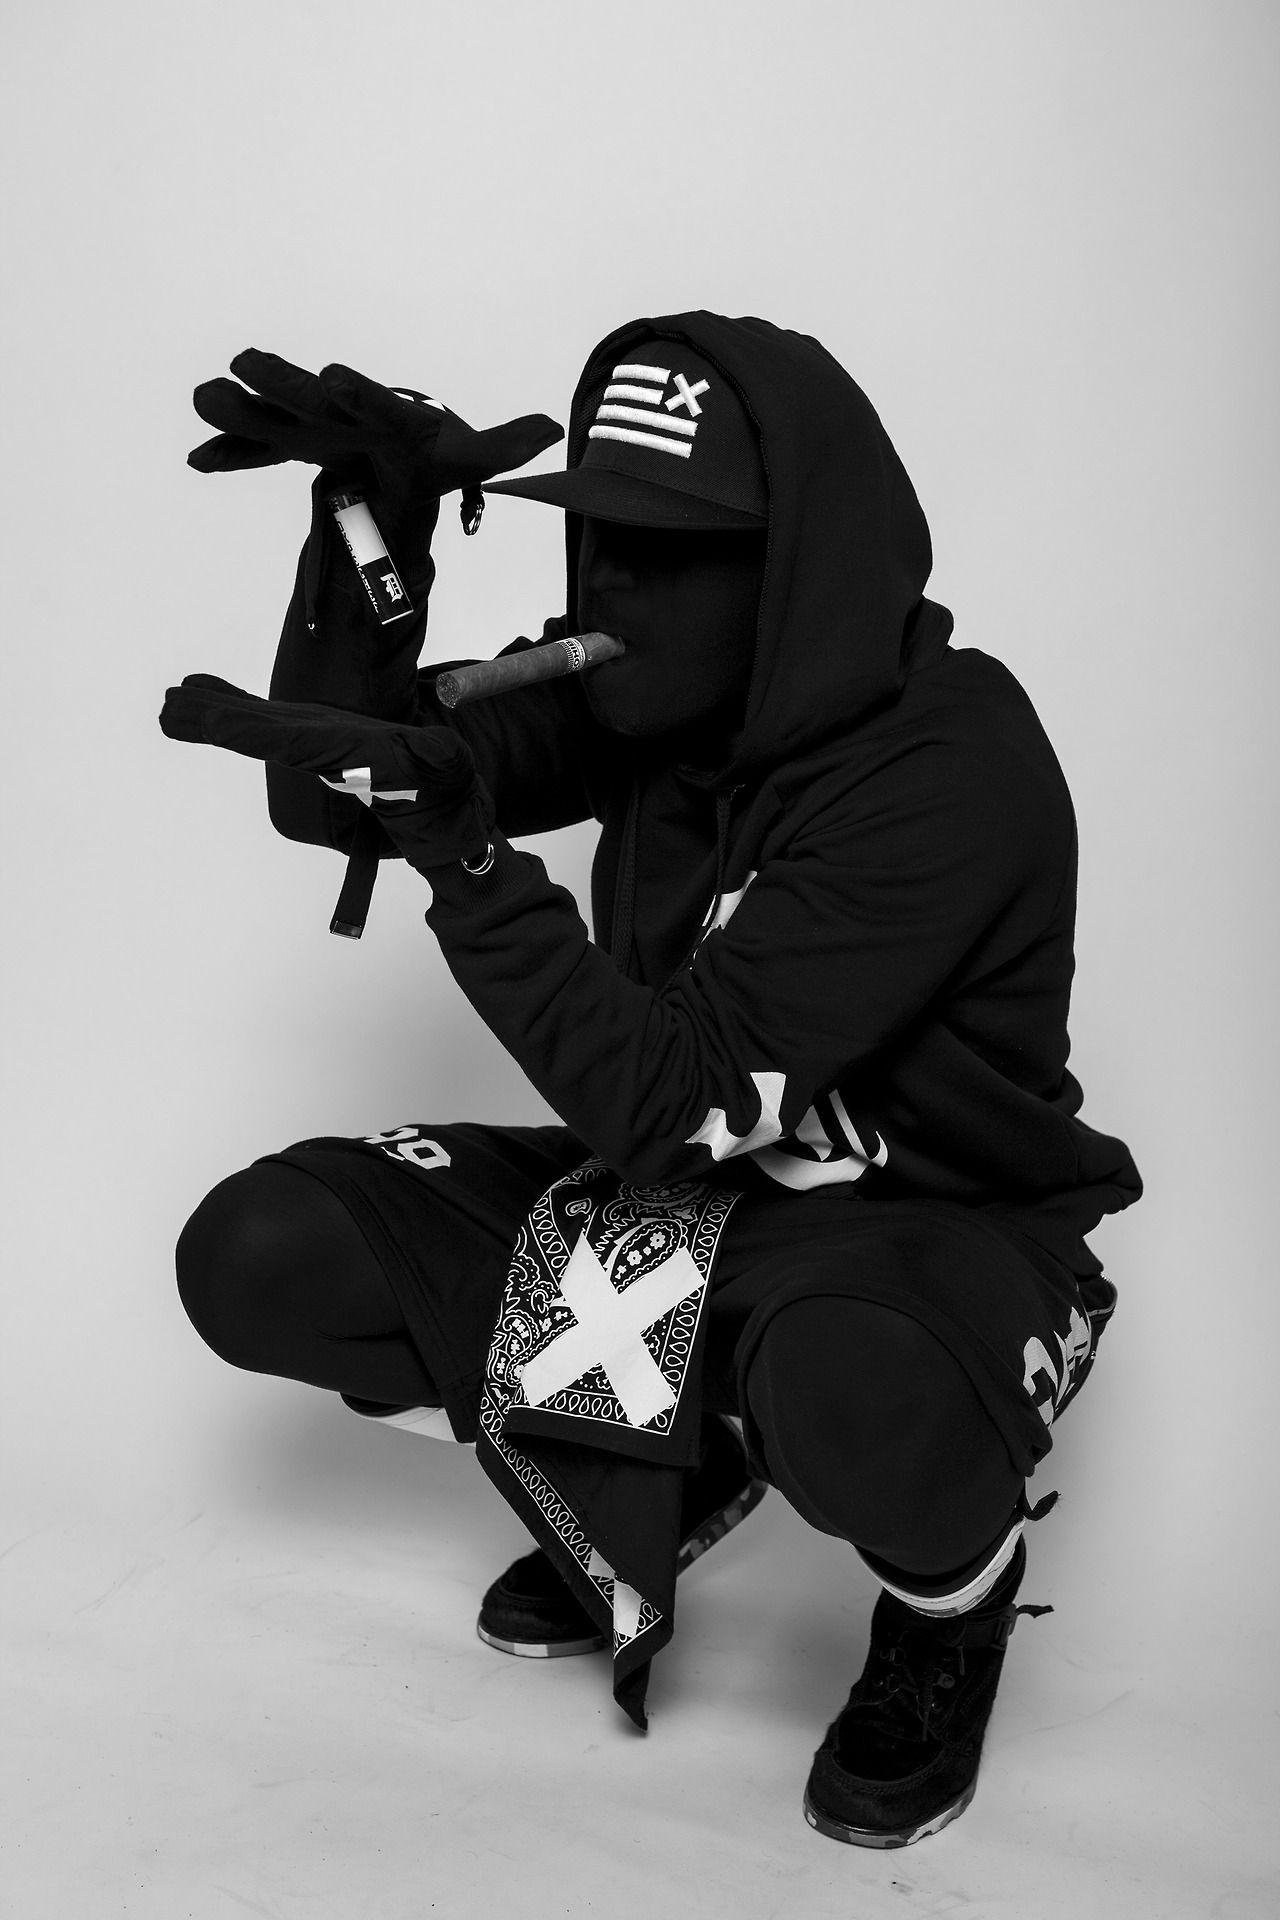 a3b0925ee65 Ninja Punk   Street Ninja Chef Clothing